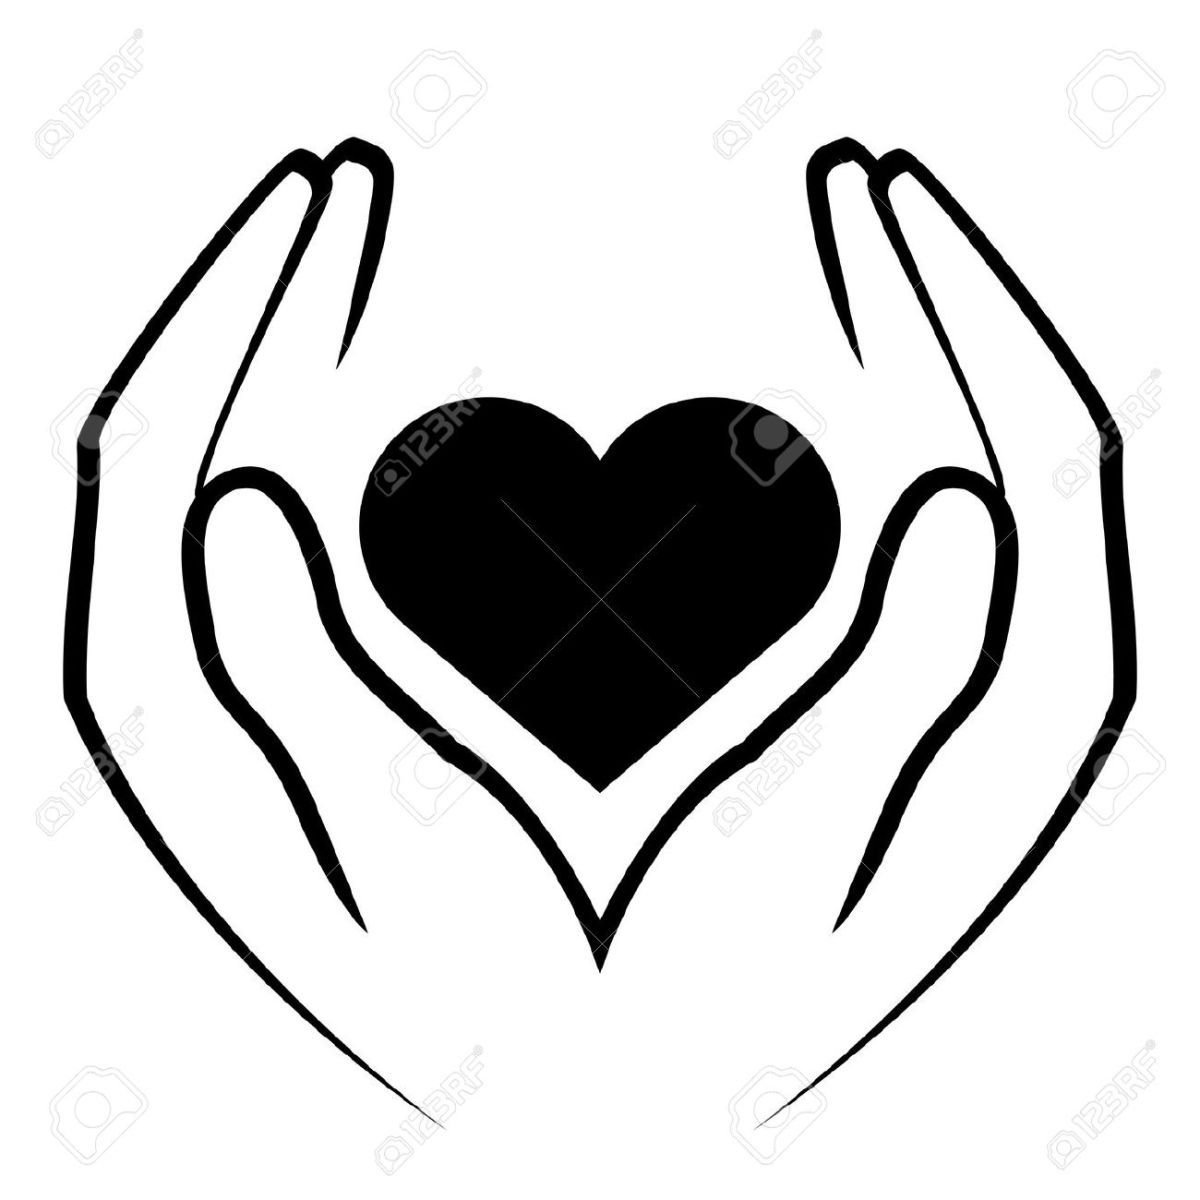 God S Love Will Change The World Maos Orando Desenhos Da Paz E Maos